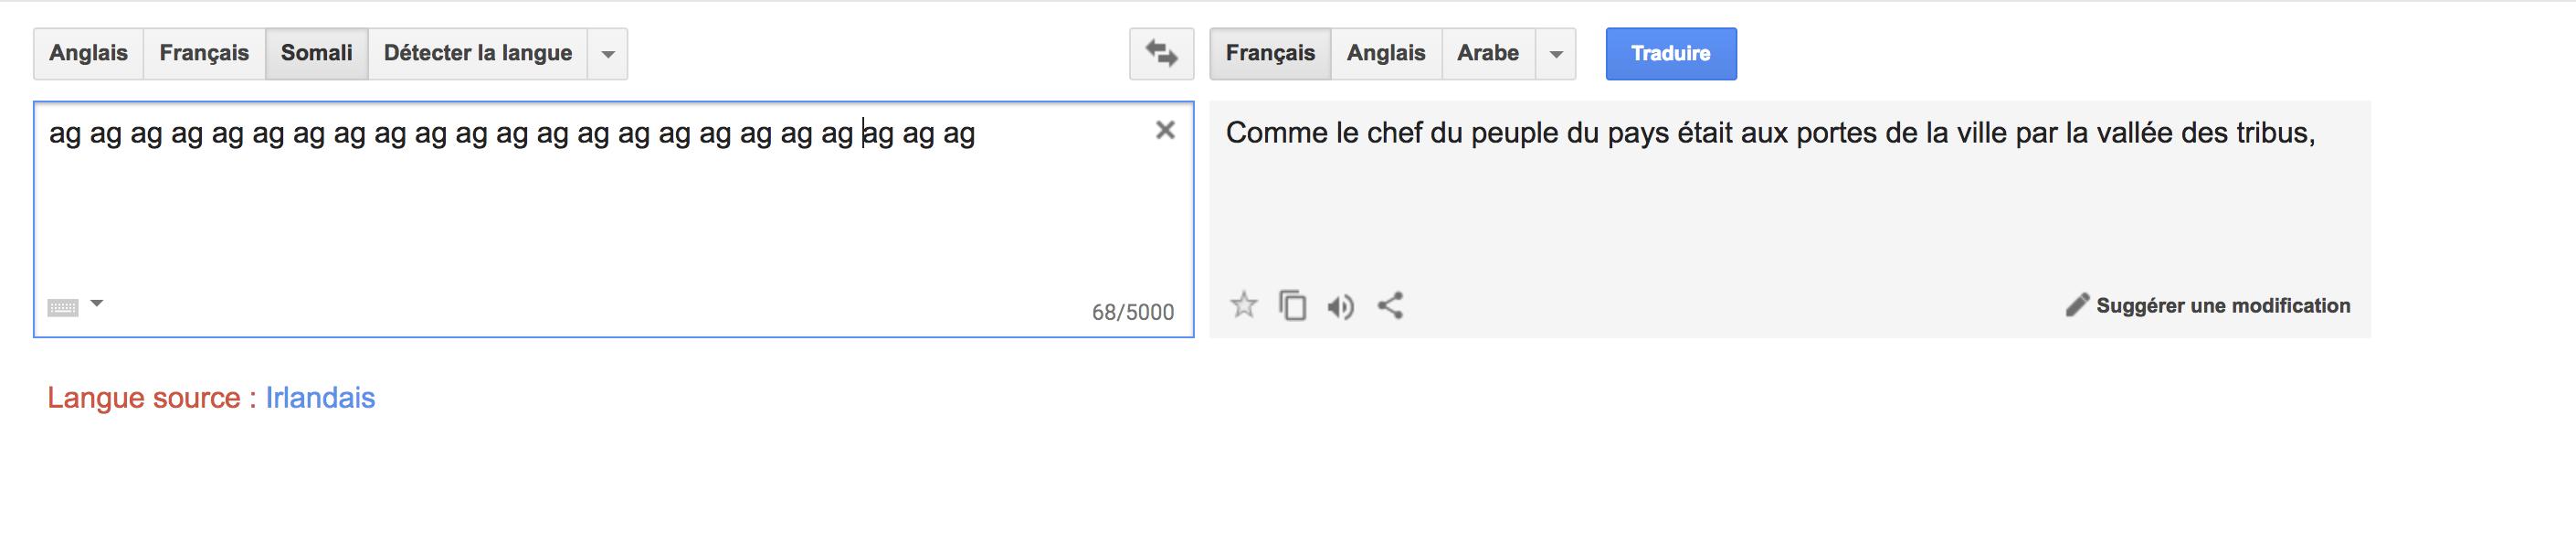 quand google traduction devient mystique    u00ab nous approchons de la fin des temps et du retour de